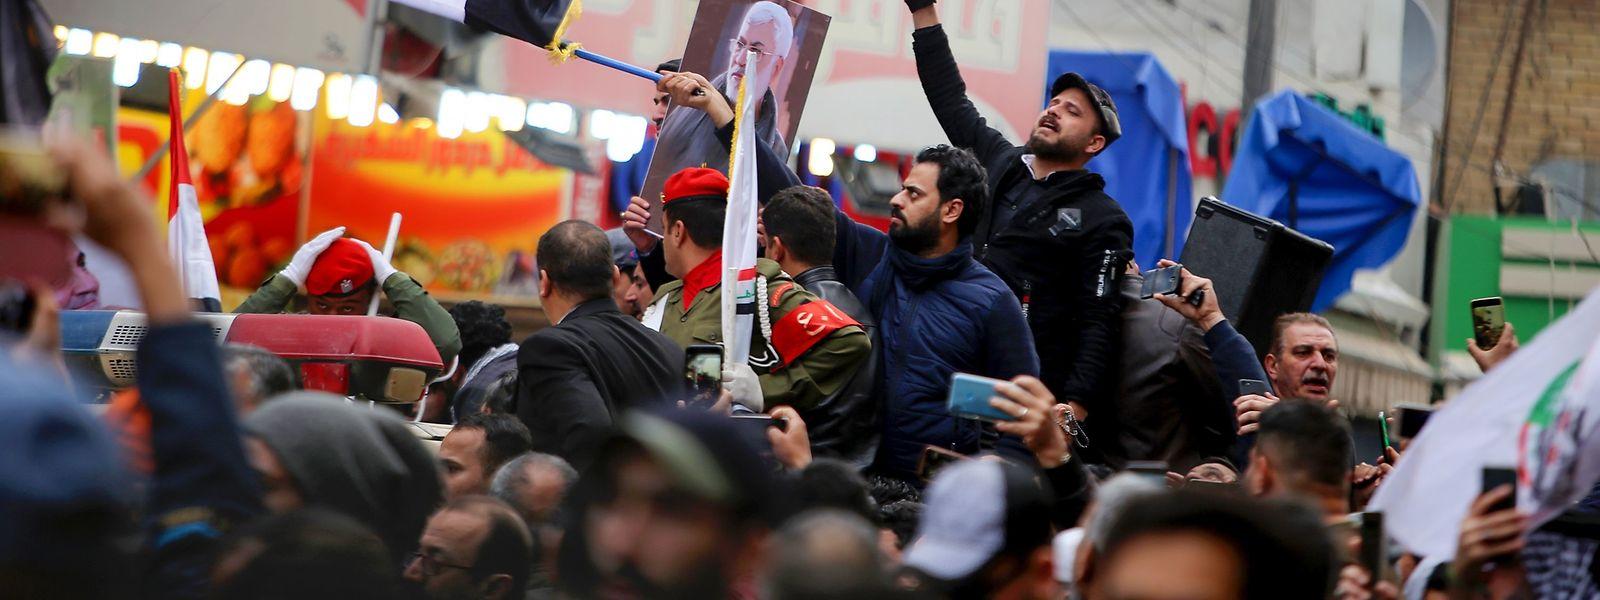 Am Samstag wurde General Soleimani in Bagdad beerdigt - Tausene Menschen waren suf den Straßen.